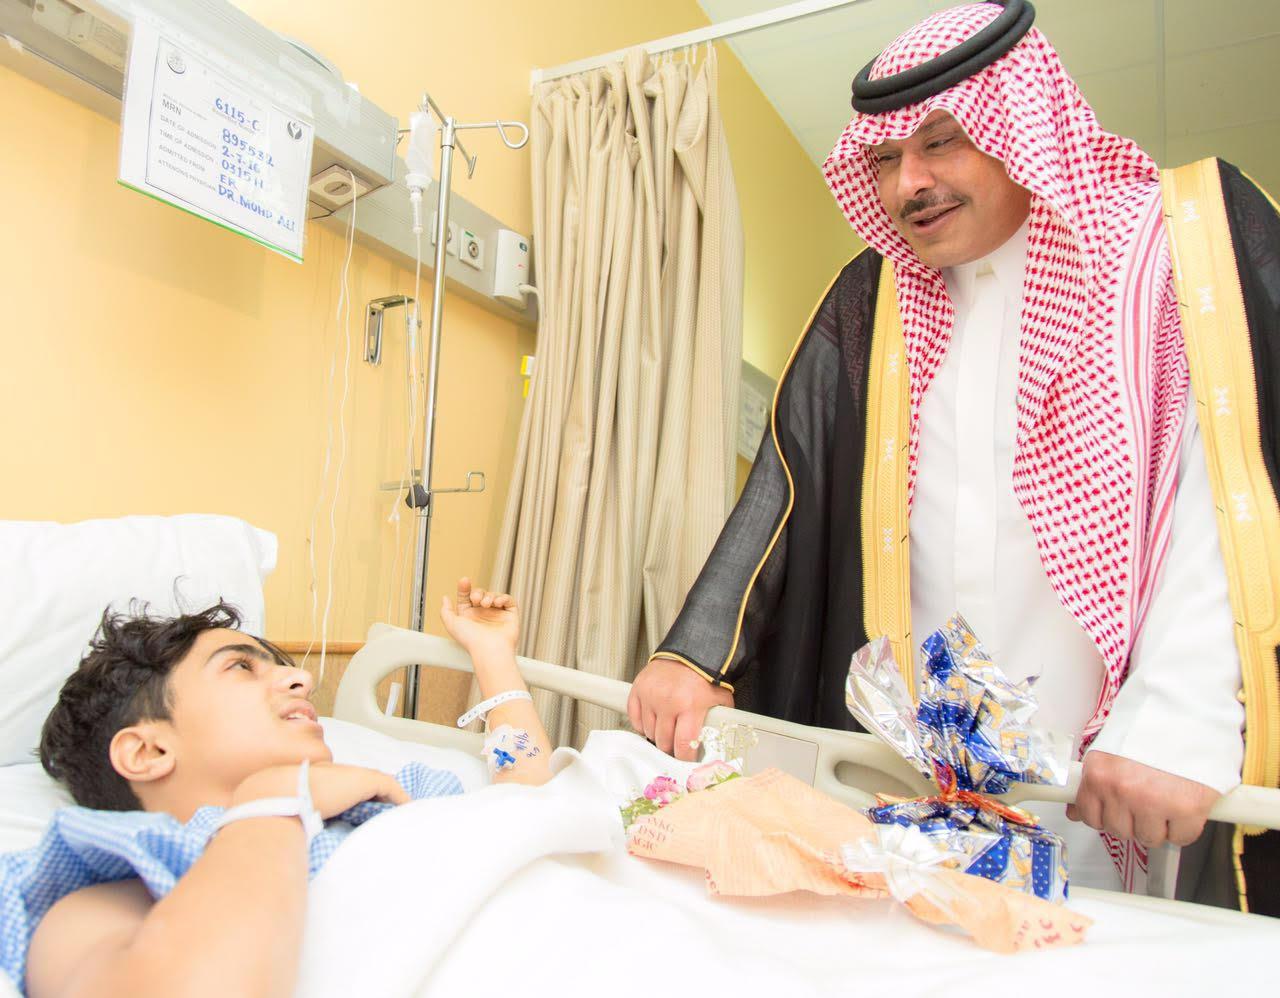 امير الباحة في مستشفى الملك فهد لمعايدة المرضى (5)